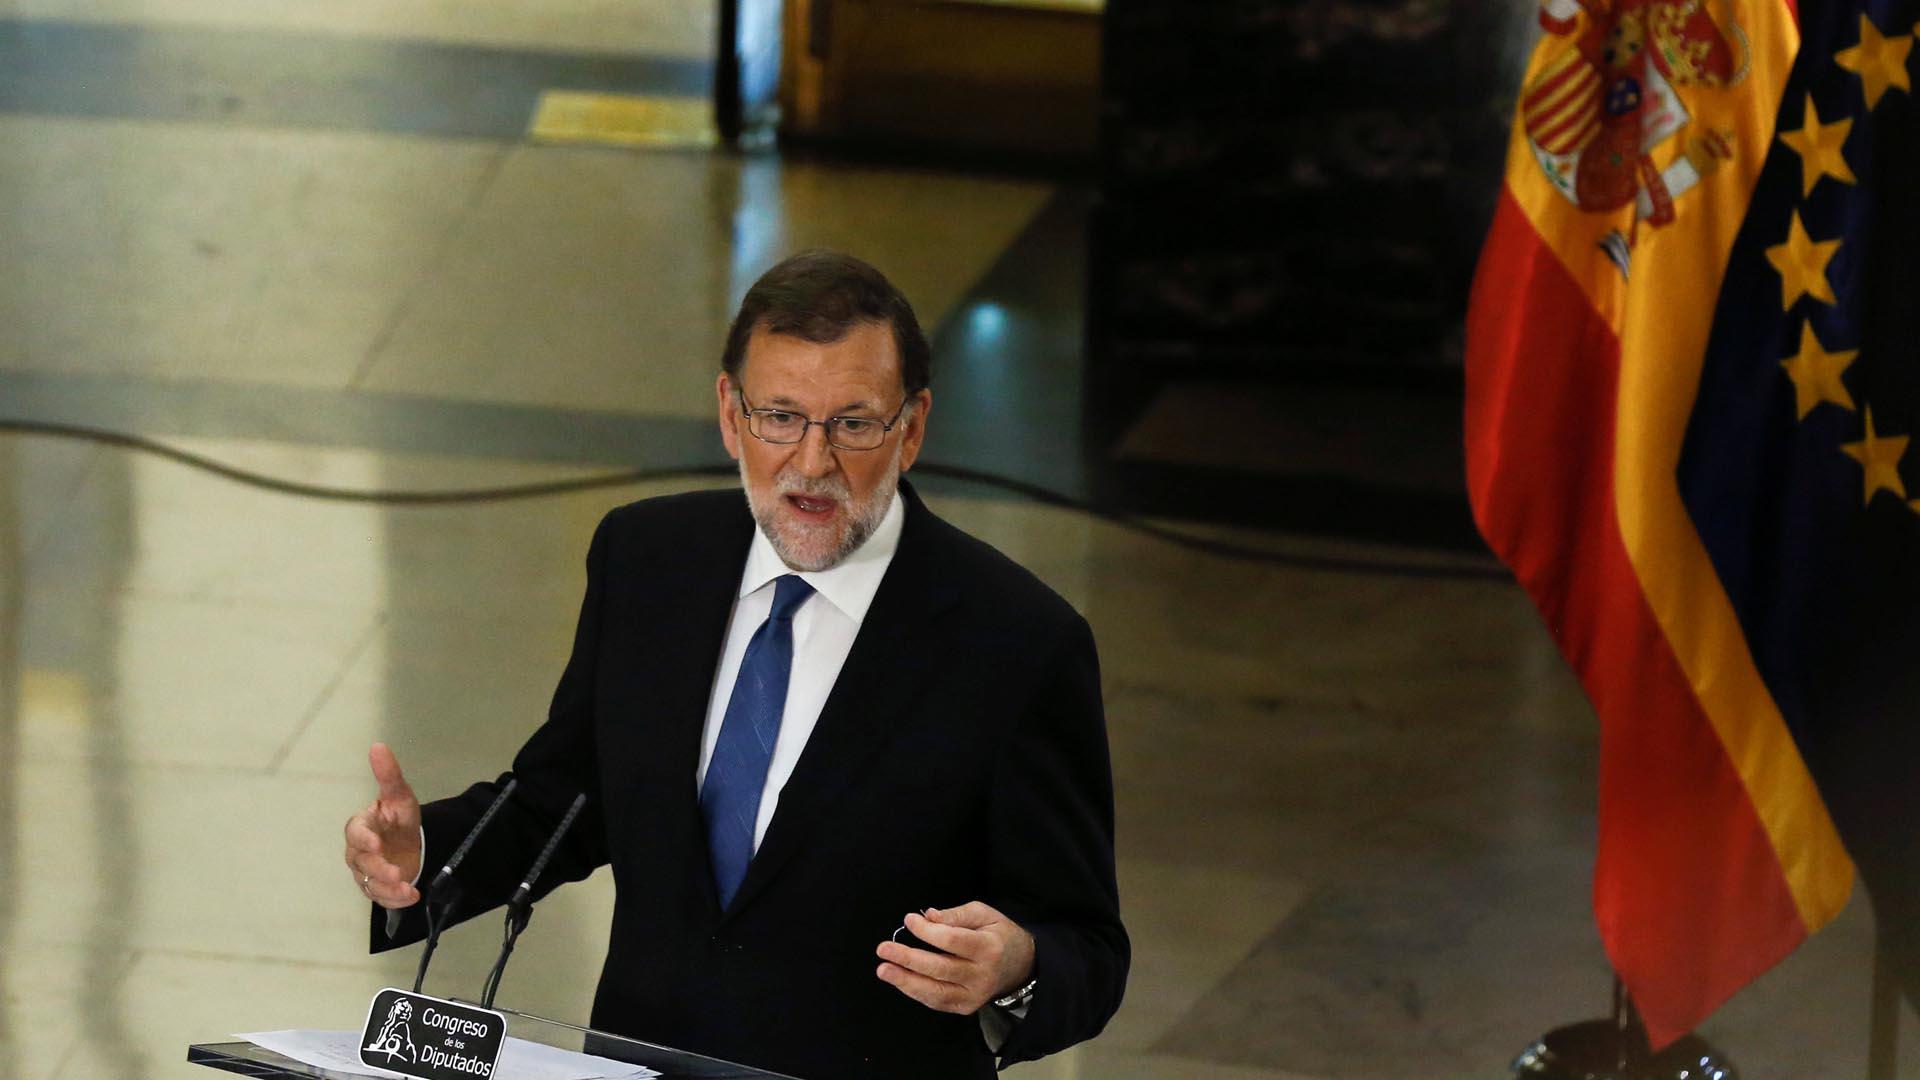 Tras negociar durante una semana, finalmente se consiguió formar una alianza que permitiría la investidura de Mariano Rajoy